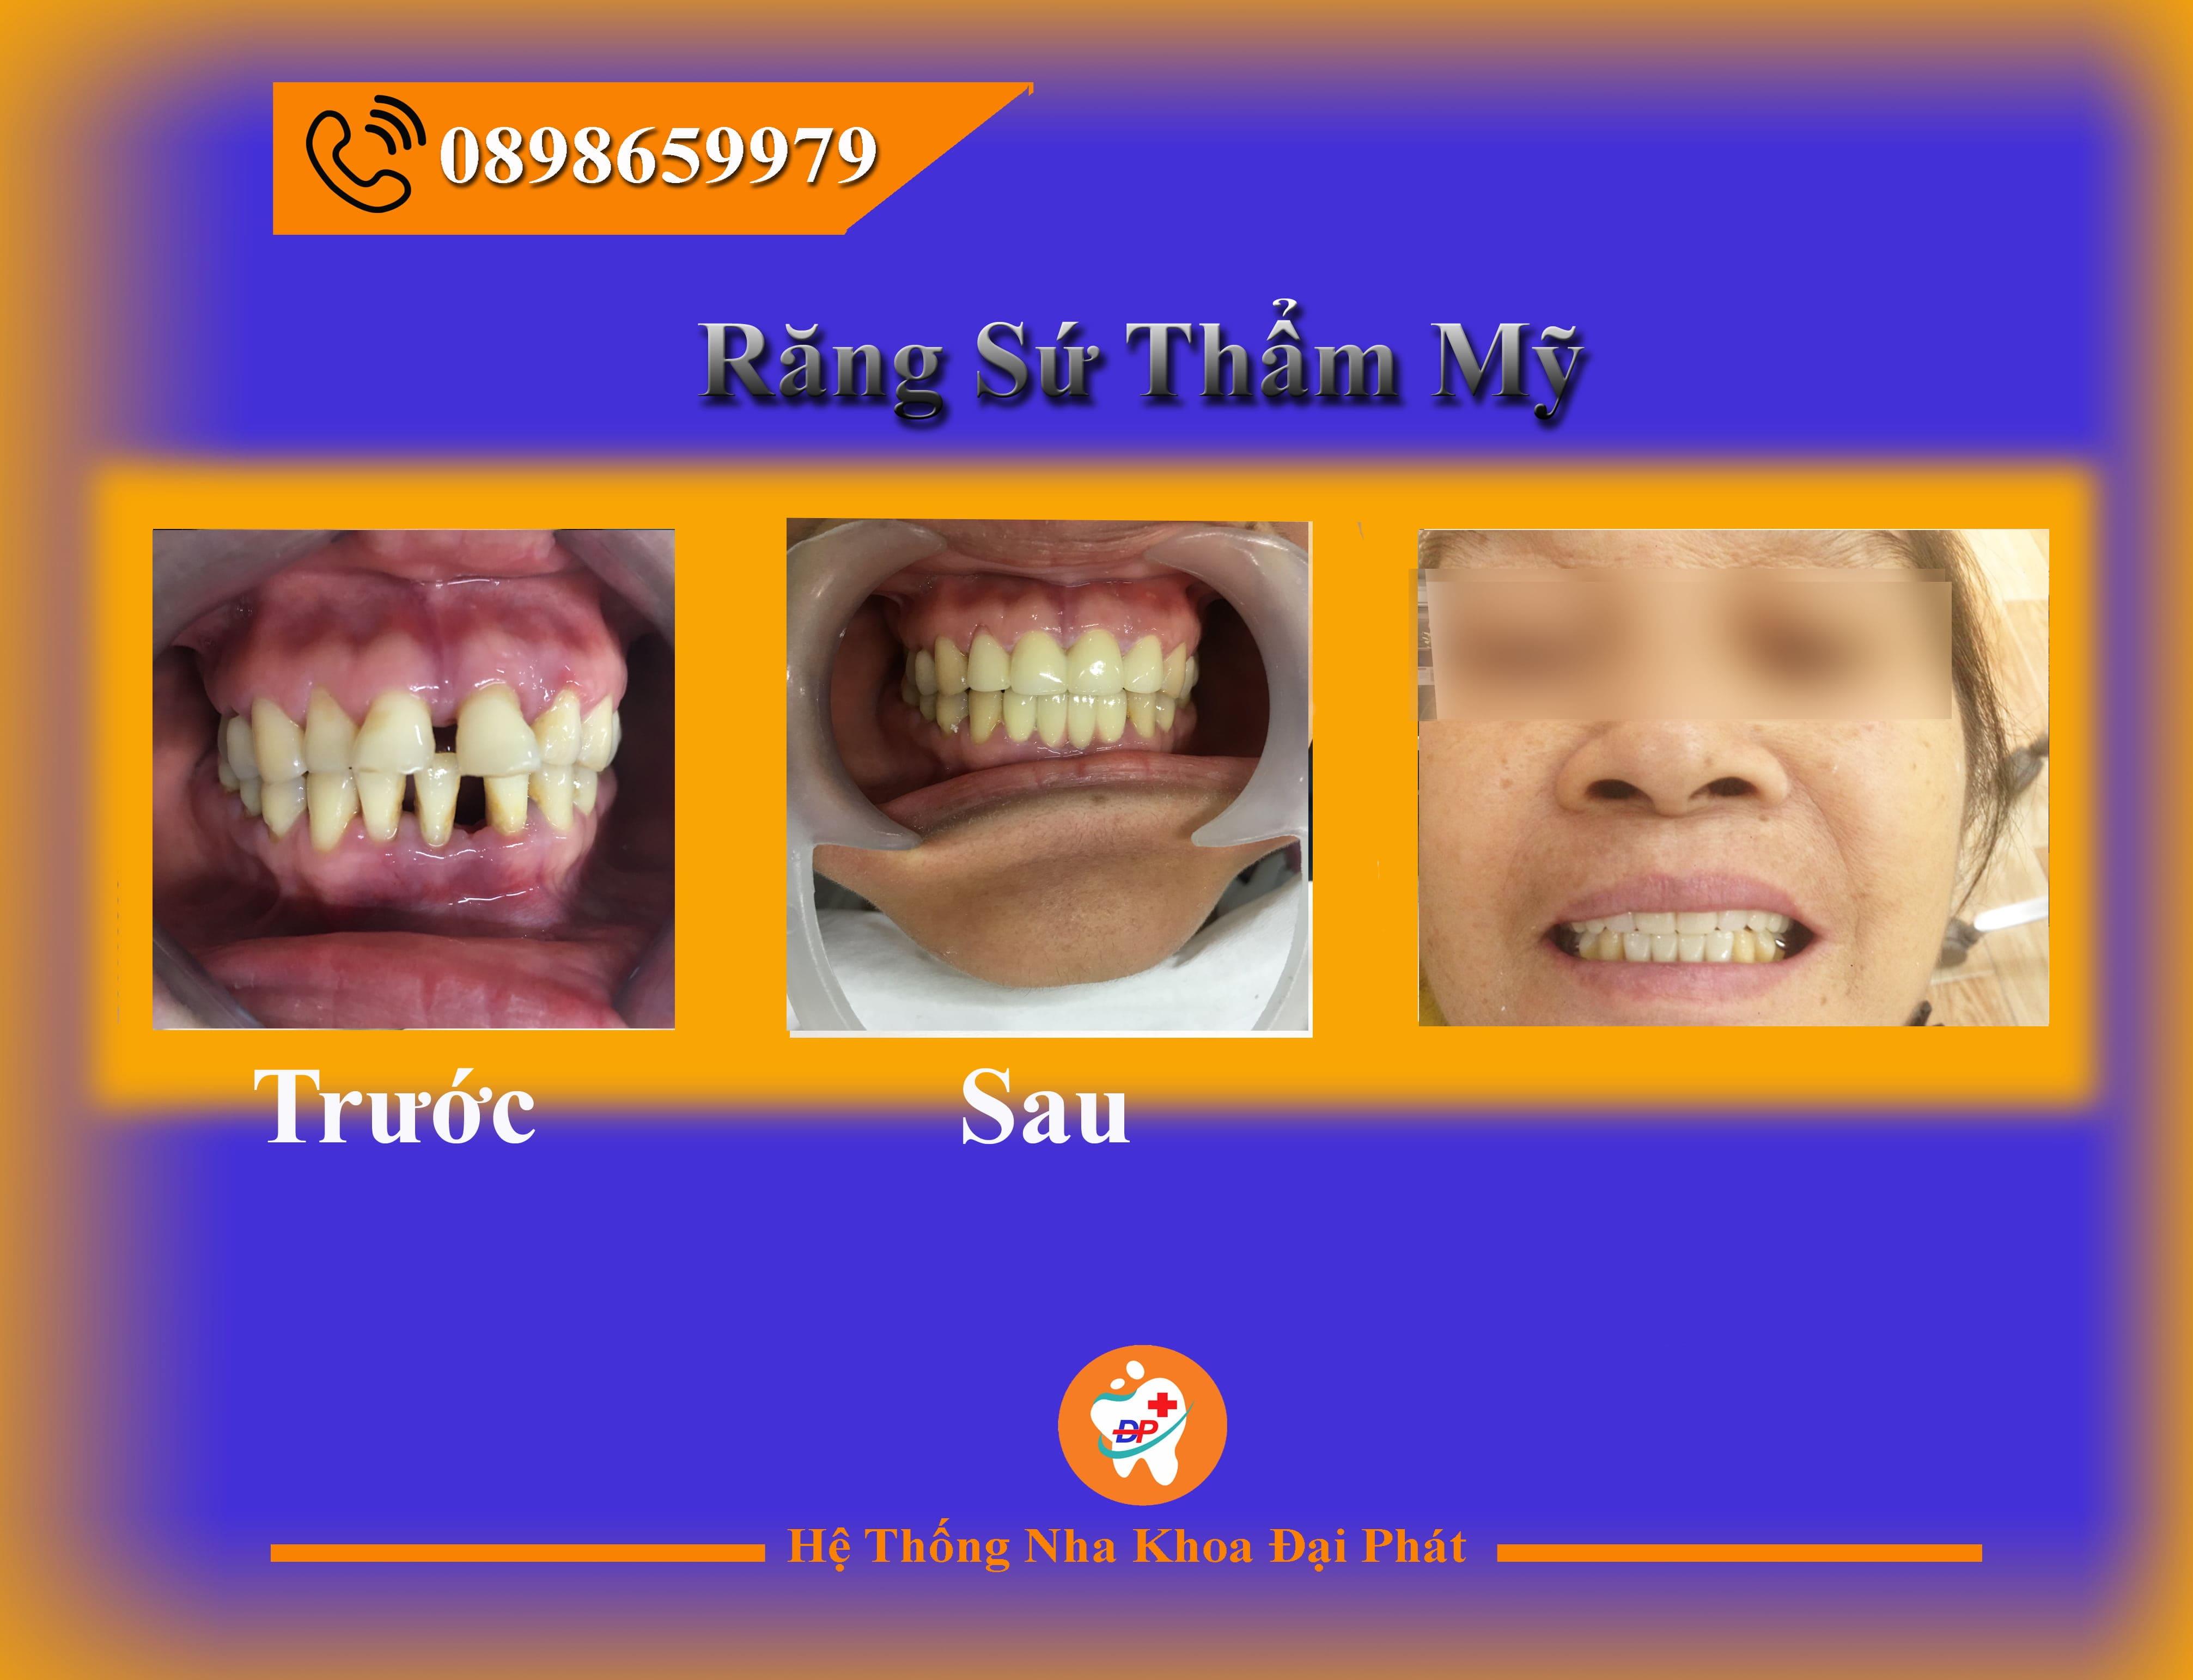 Răng Sứ Và Những Điều Có Thể Bạn Chưa Biết